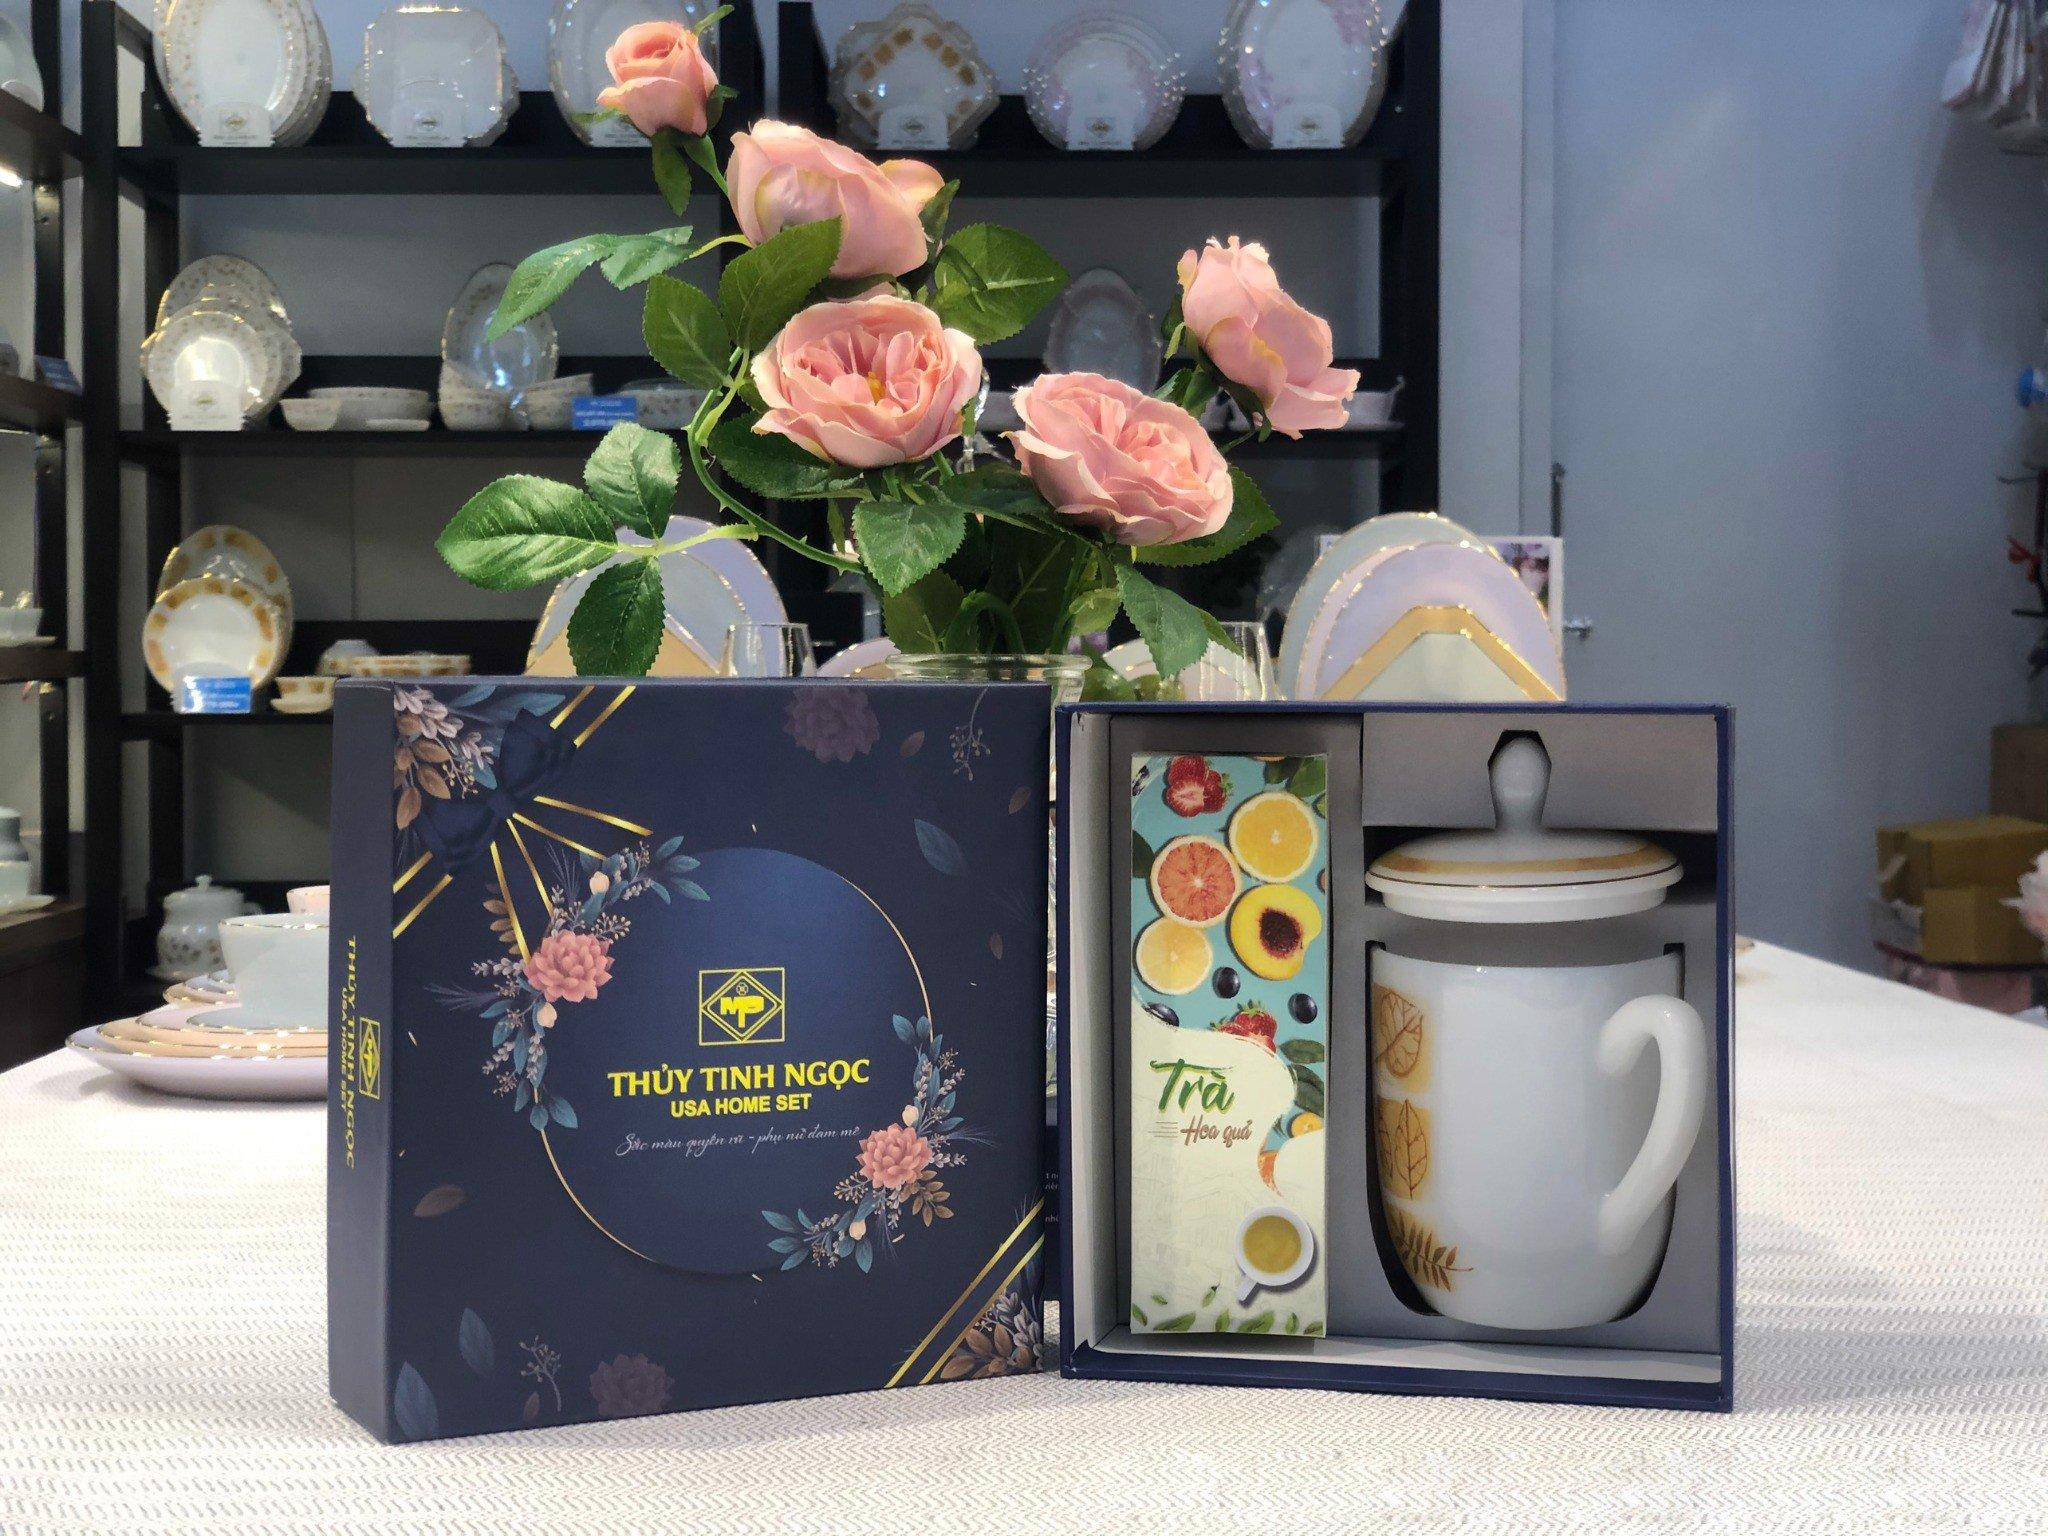 Bộ quà tặng ca trà kèm hộp trà,cafe hoa mùa thu